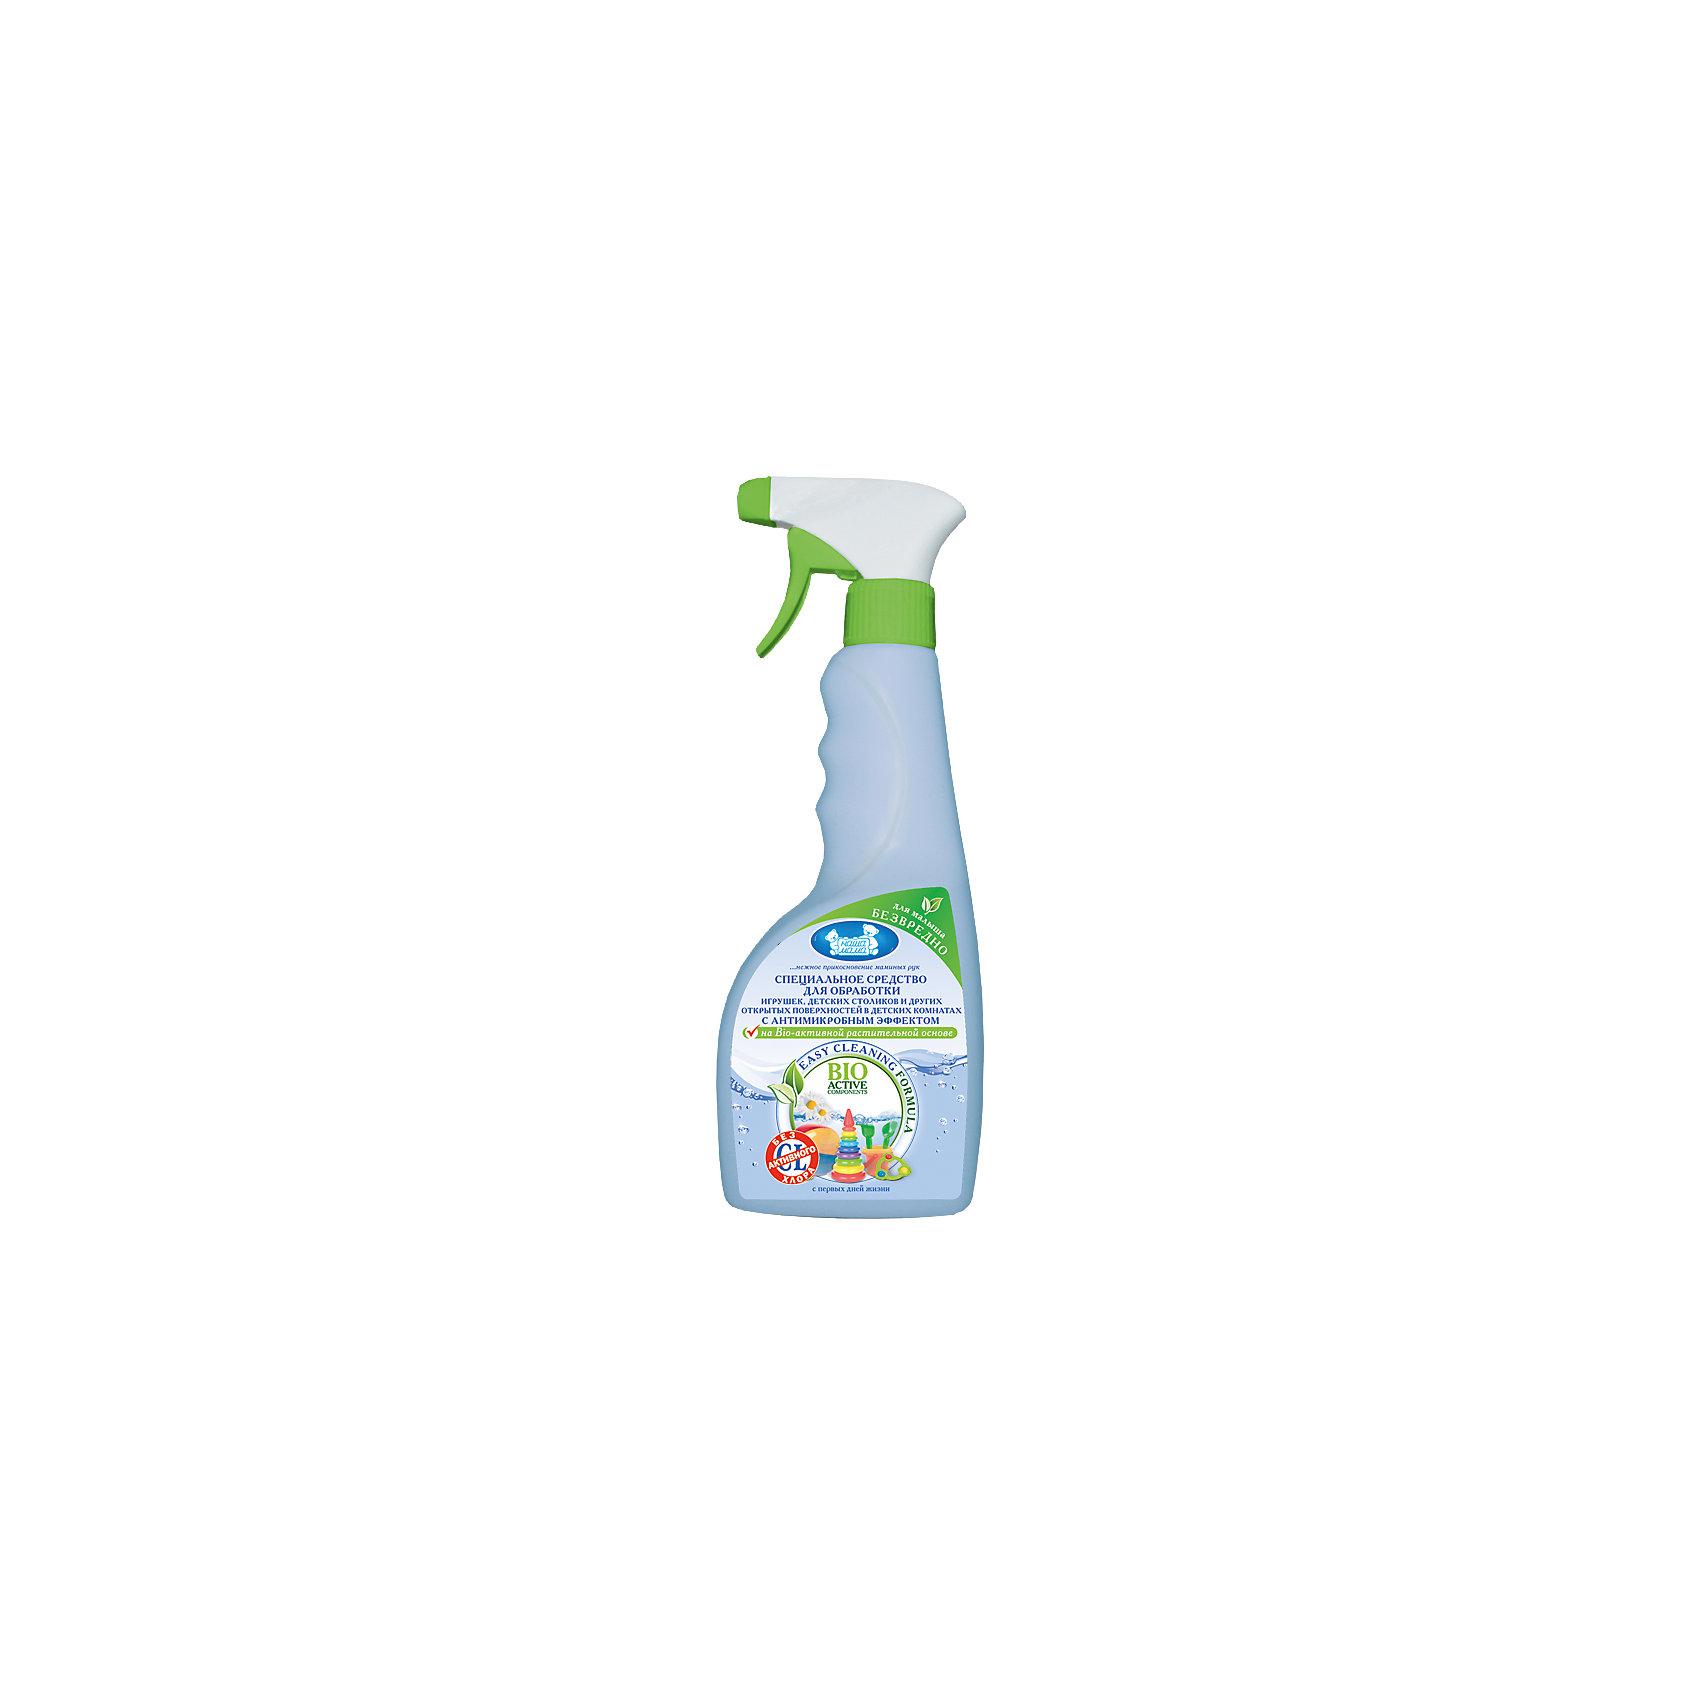 Средство для обработки с антимикробным эффектом, Наша МамаBIO- разлагаемое средство без запаха на растительной основе, очищает игрушки, десткие столики и другие предметы в комнате малыша от микробов, не оставляет на поверхности разводов. Не содержит агрессивных компоненотов и предназначено для деликатной обработке дестких игрушек, предметов гигиены и интерьера, а так же для ежедневной антимикробной уборки в детских комнатах<br><br>Ширина мм: 65<br>Глубина мм: 85<br>Высота мм: 255<br>Вес г: 600<br>Возраст от месяцев: 0<br>Возраст до месяцев: 36<br>Пол: Унисекс<br>Возраст: Детский<br>SKU: 4124428